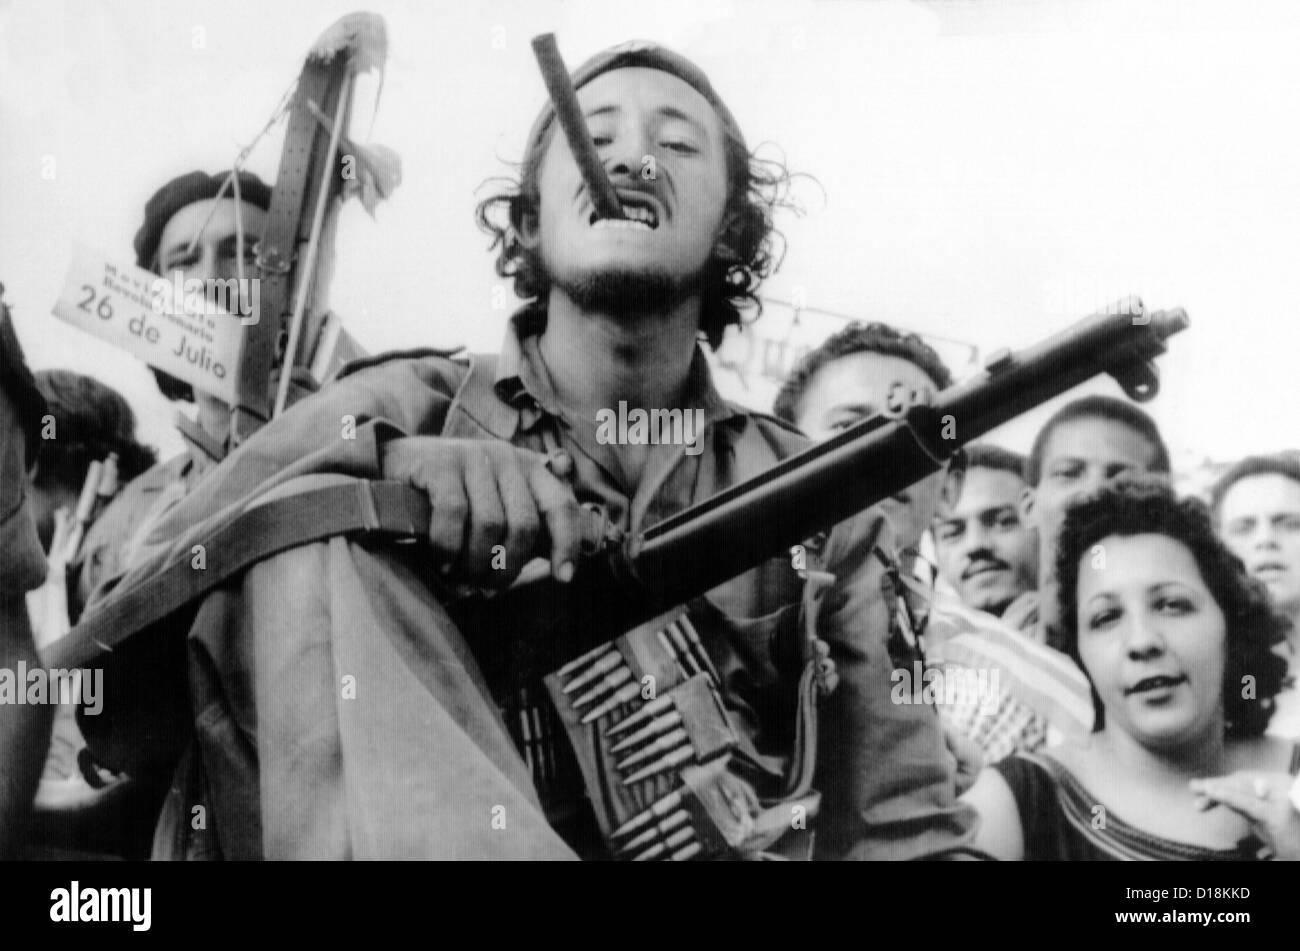 Soldat de la guérilla entre dans la Havane avec Castro's forces rebelles victorieux, le 8 janvier 1959. Photo Stock